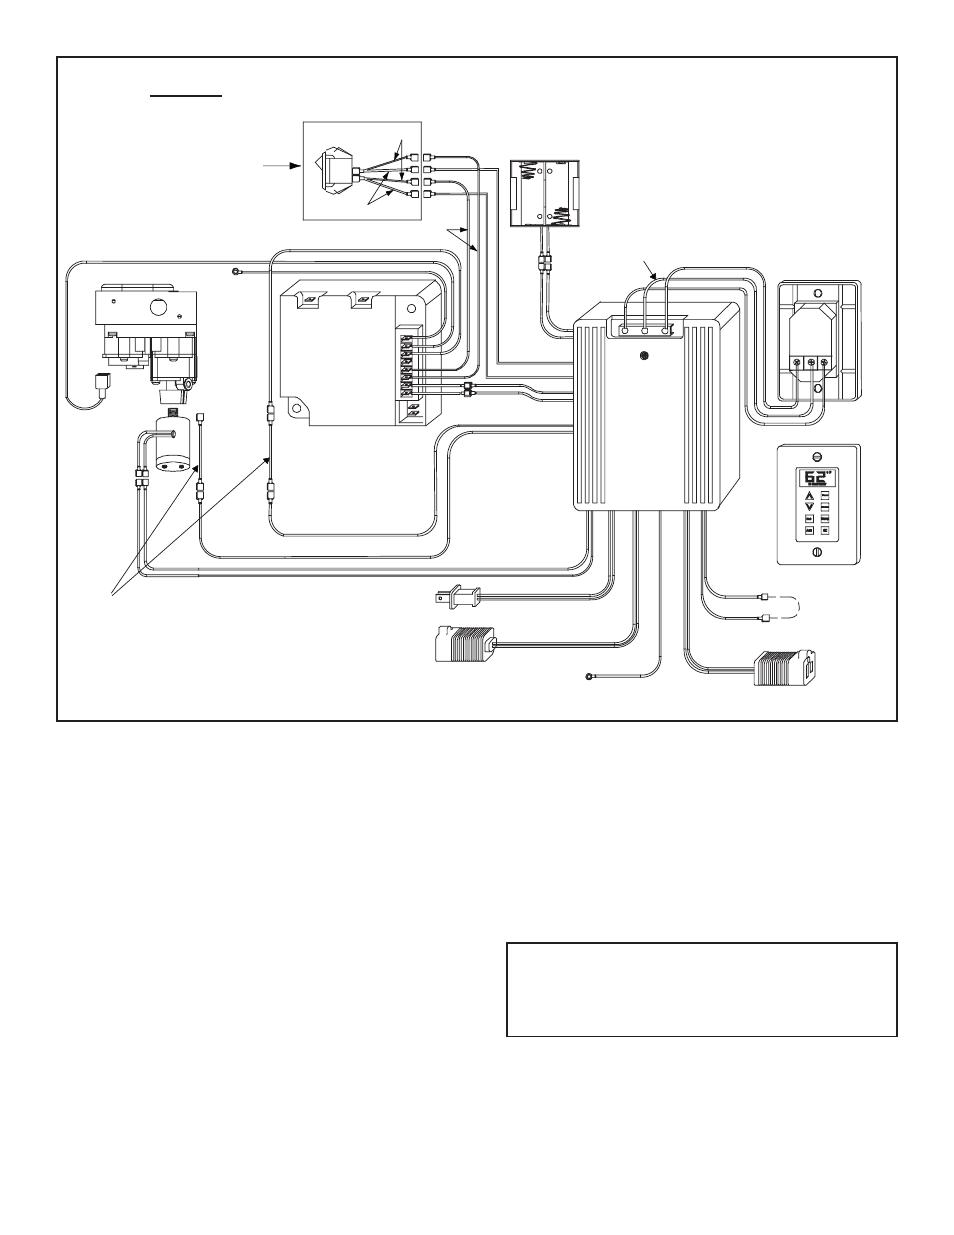 medium resolution of mlt 1 wiring diagram trusted wiring diagram guitar wiring  diagrams mlt 1 wiring